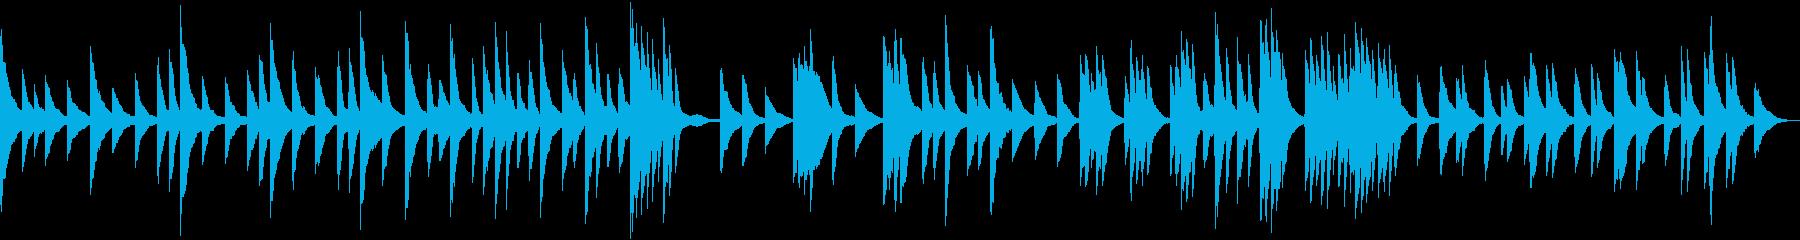 淡々と静かに流れるピアノソロの再生済みの波形